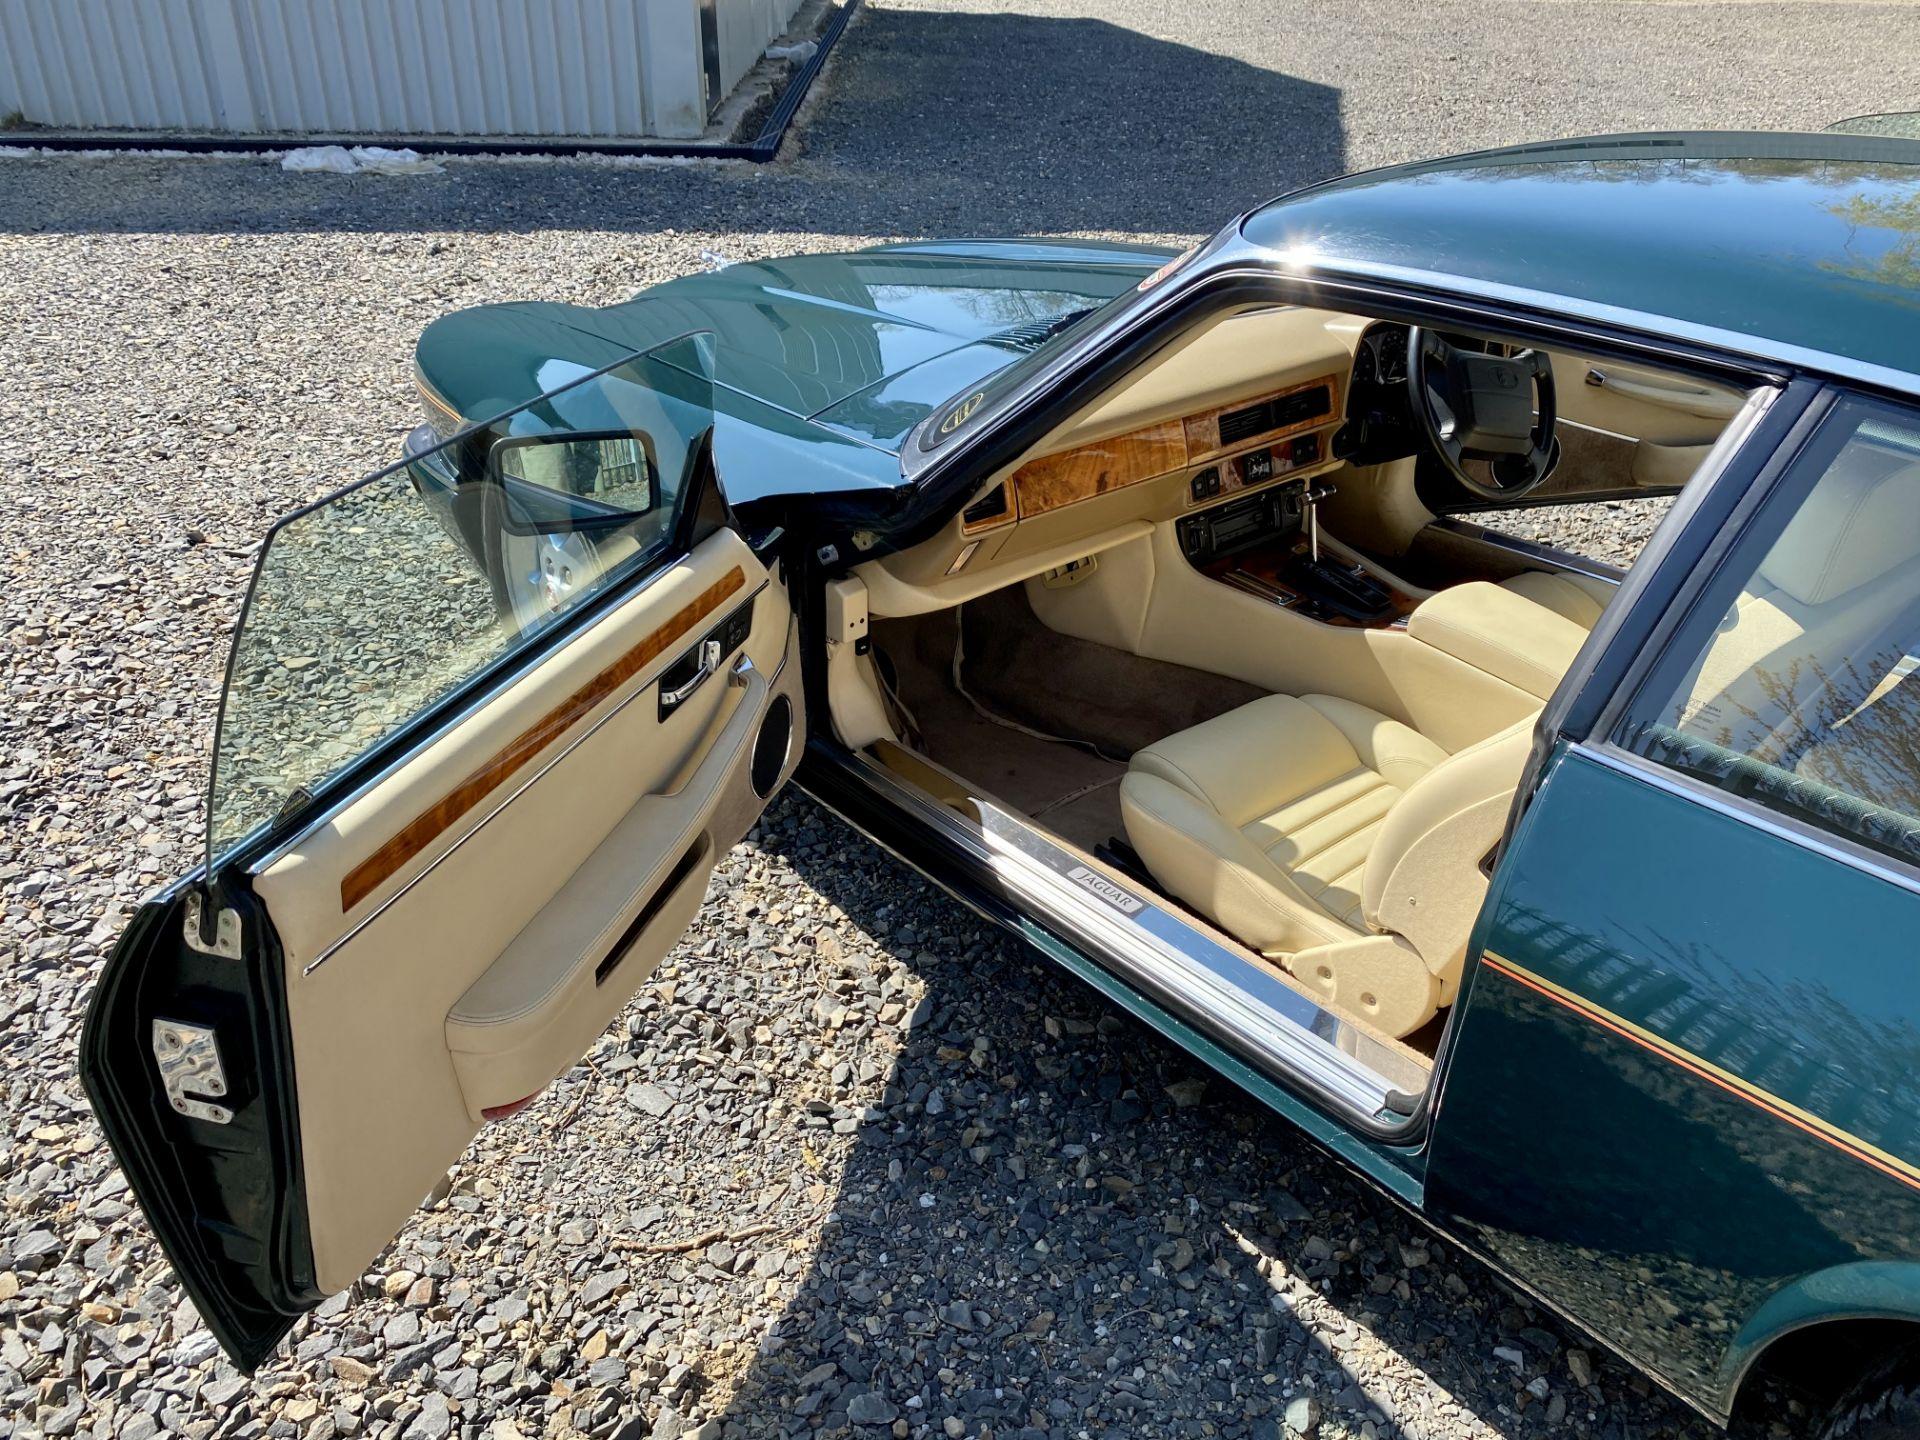 Jaguar XJS coupe - Image 49 of 64